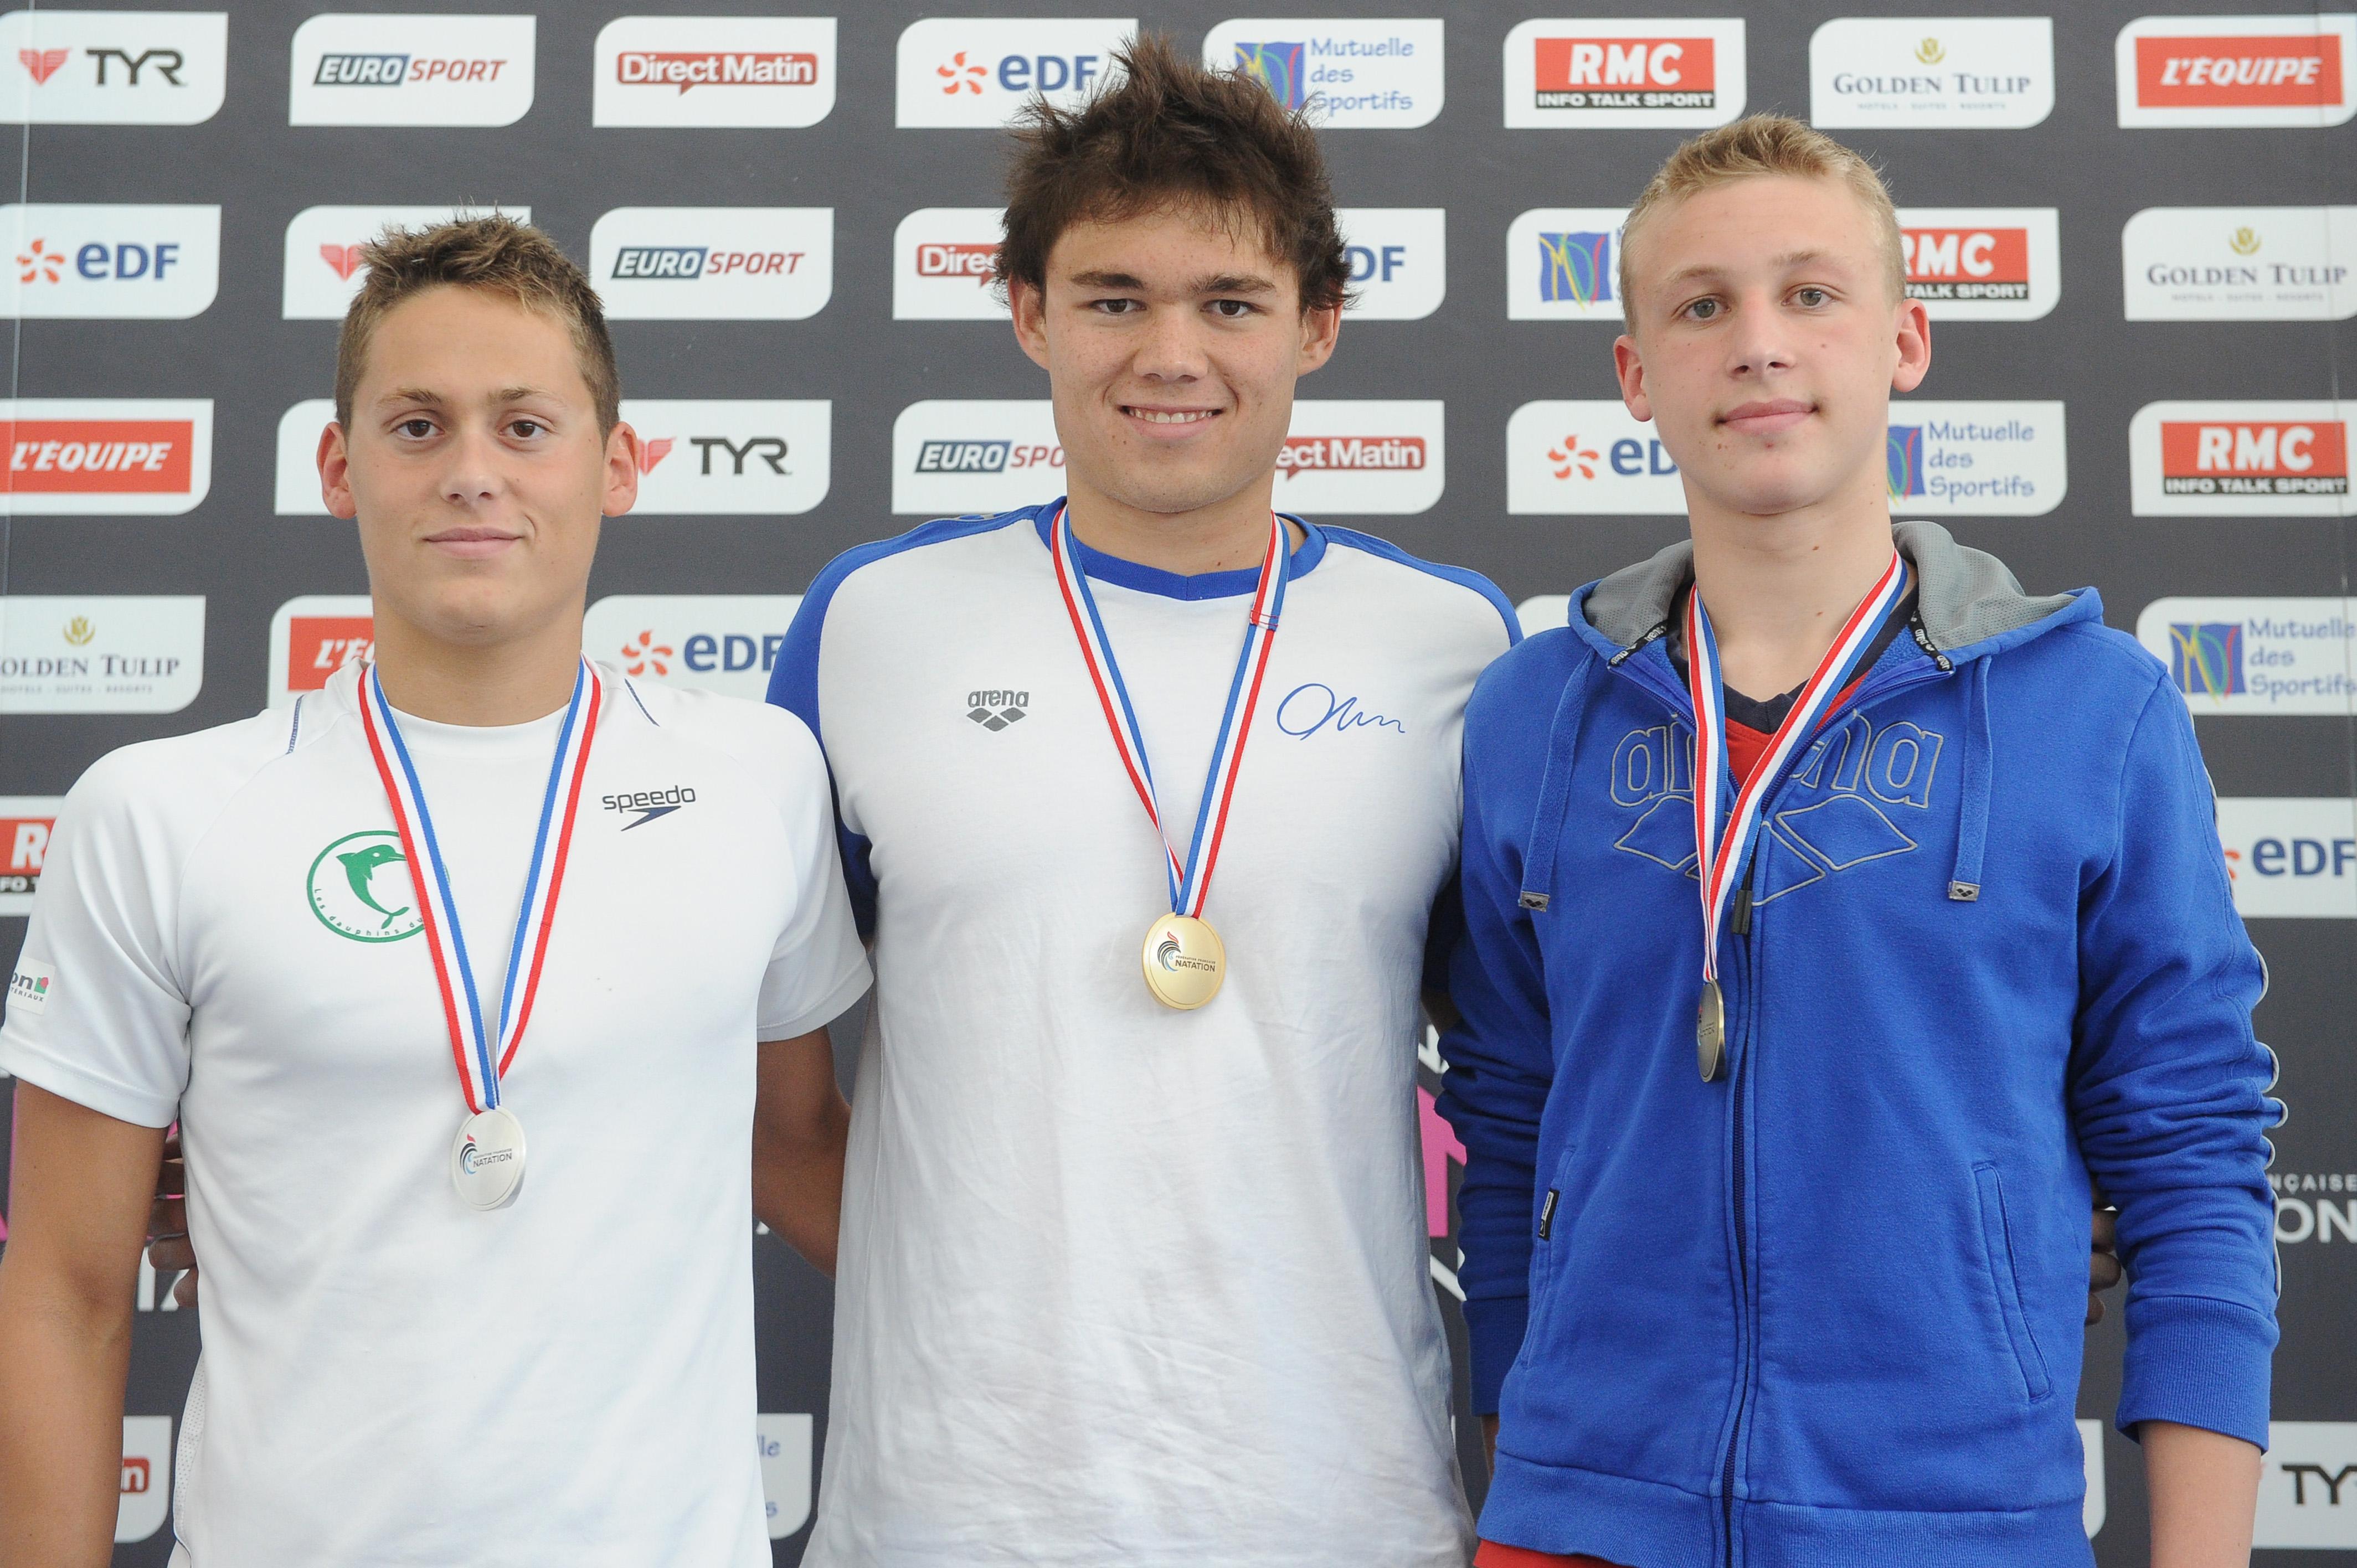 Natation: 2 médailles d'or et une sélection en équipe de France Juniors pour le jeune polynésien Rahiti DE VOS.